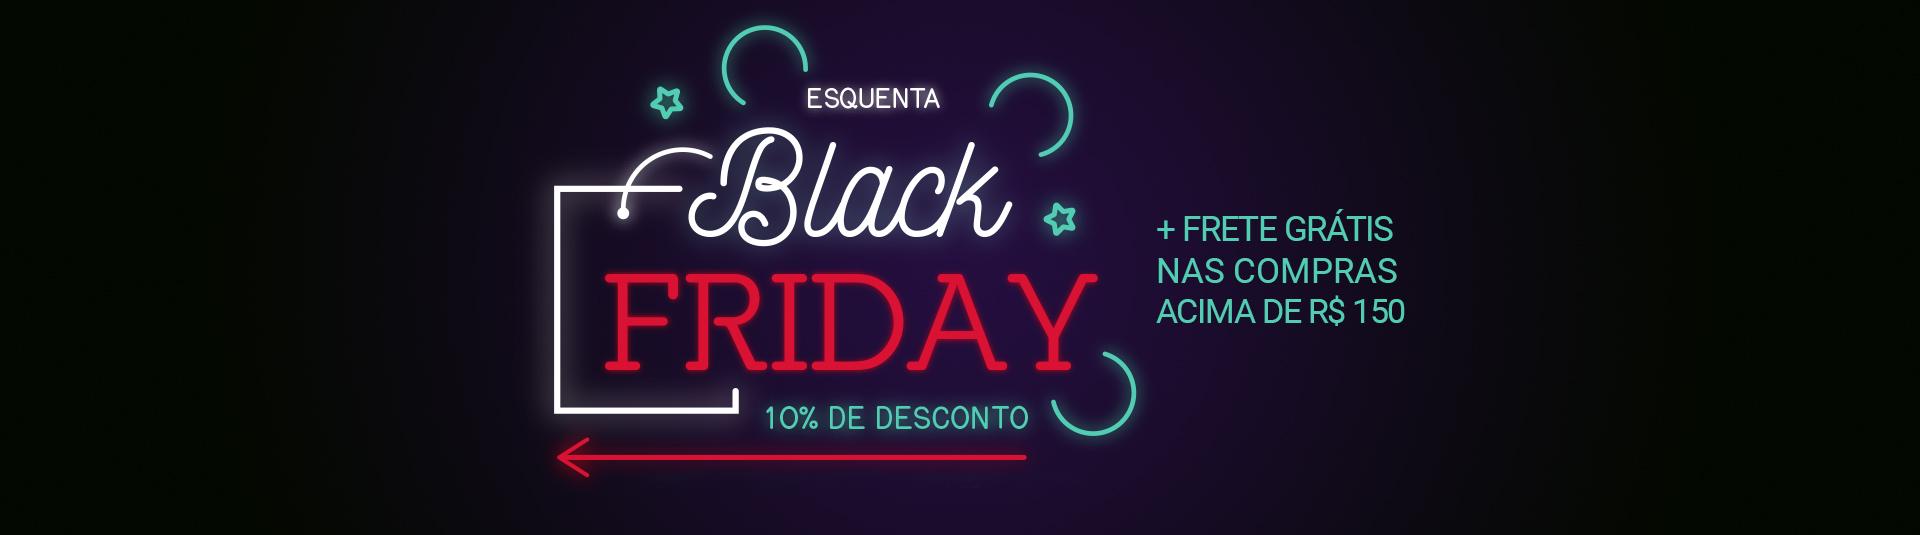 Pre Black Friday